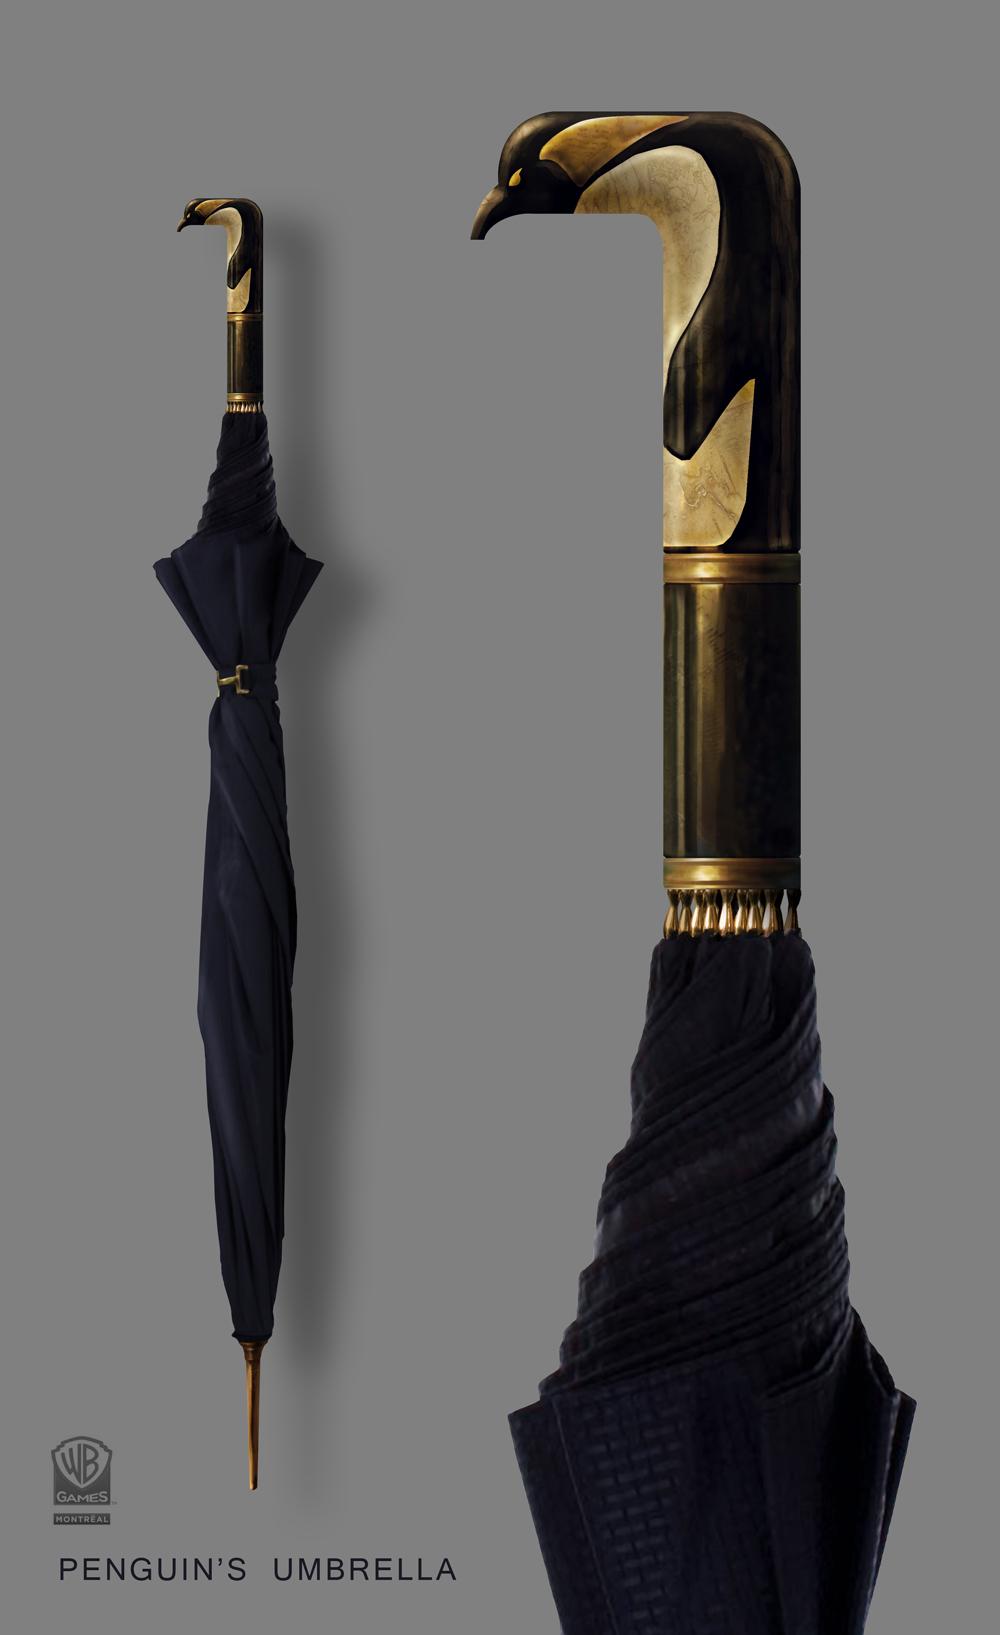 penguinumbrella